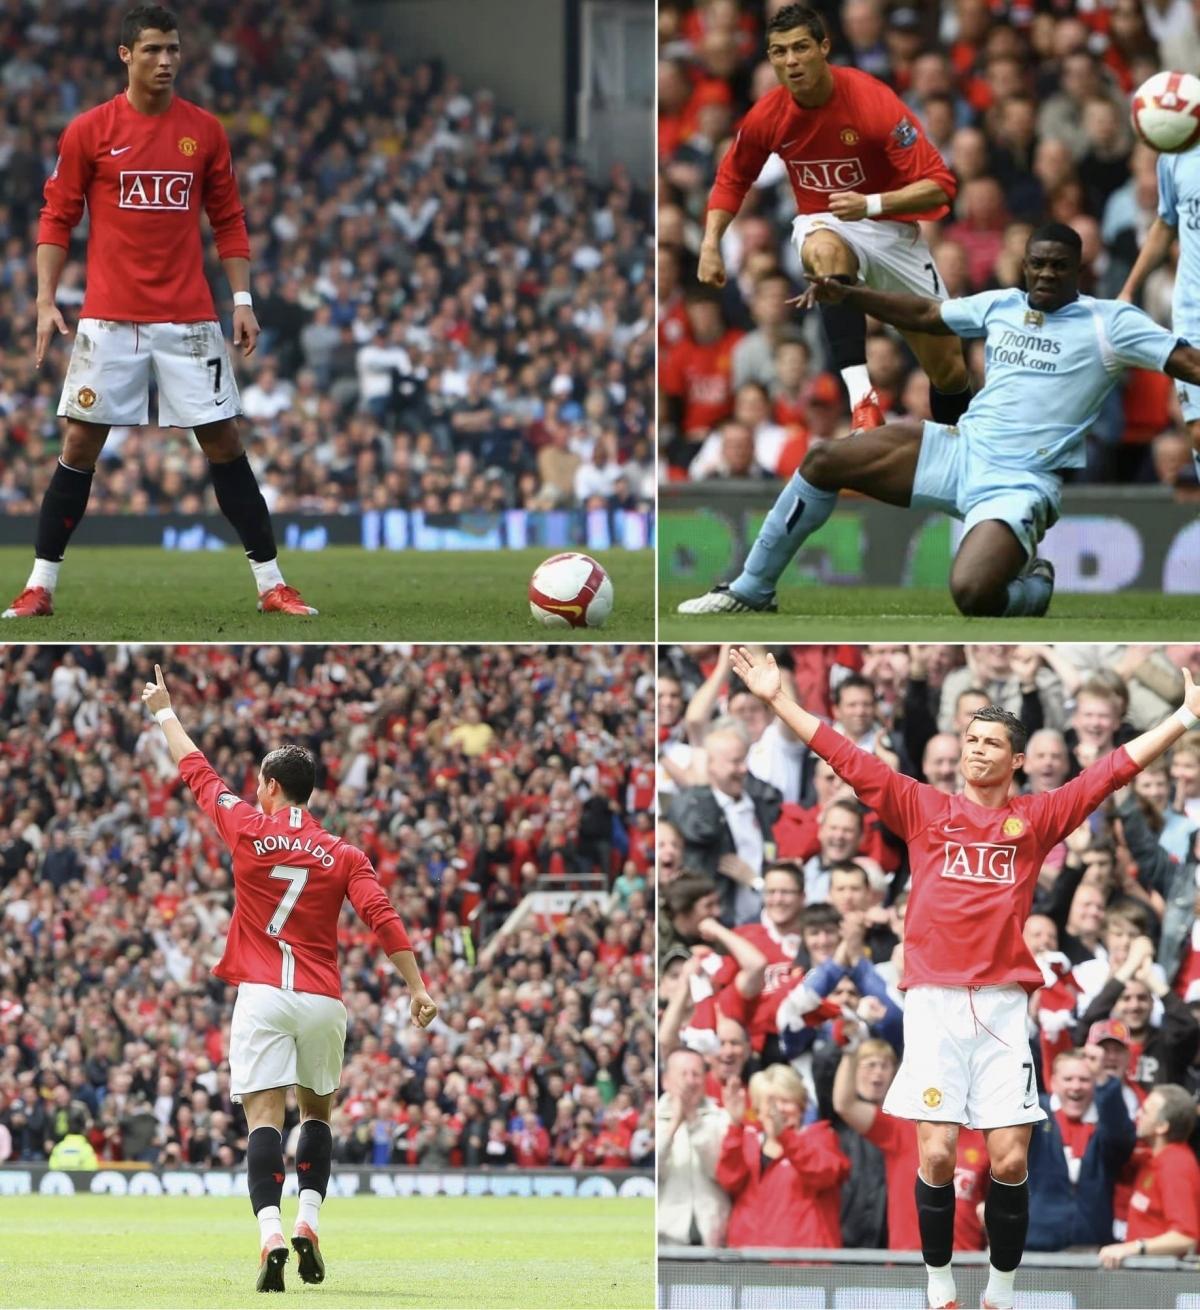 Ngày này 12 năm trước, Ronaldo ghi bàn thắng cuối cùng trong màu áo MU.